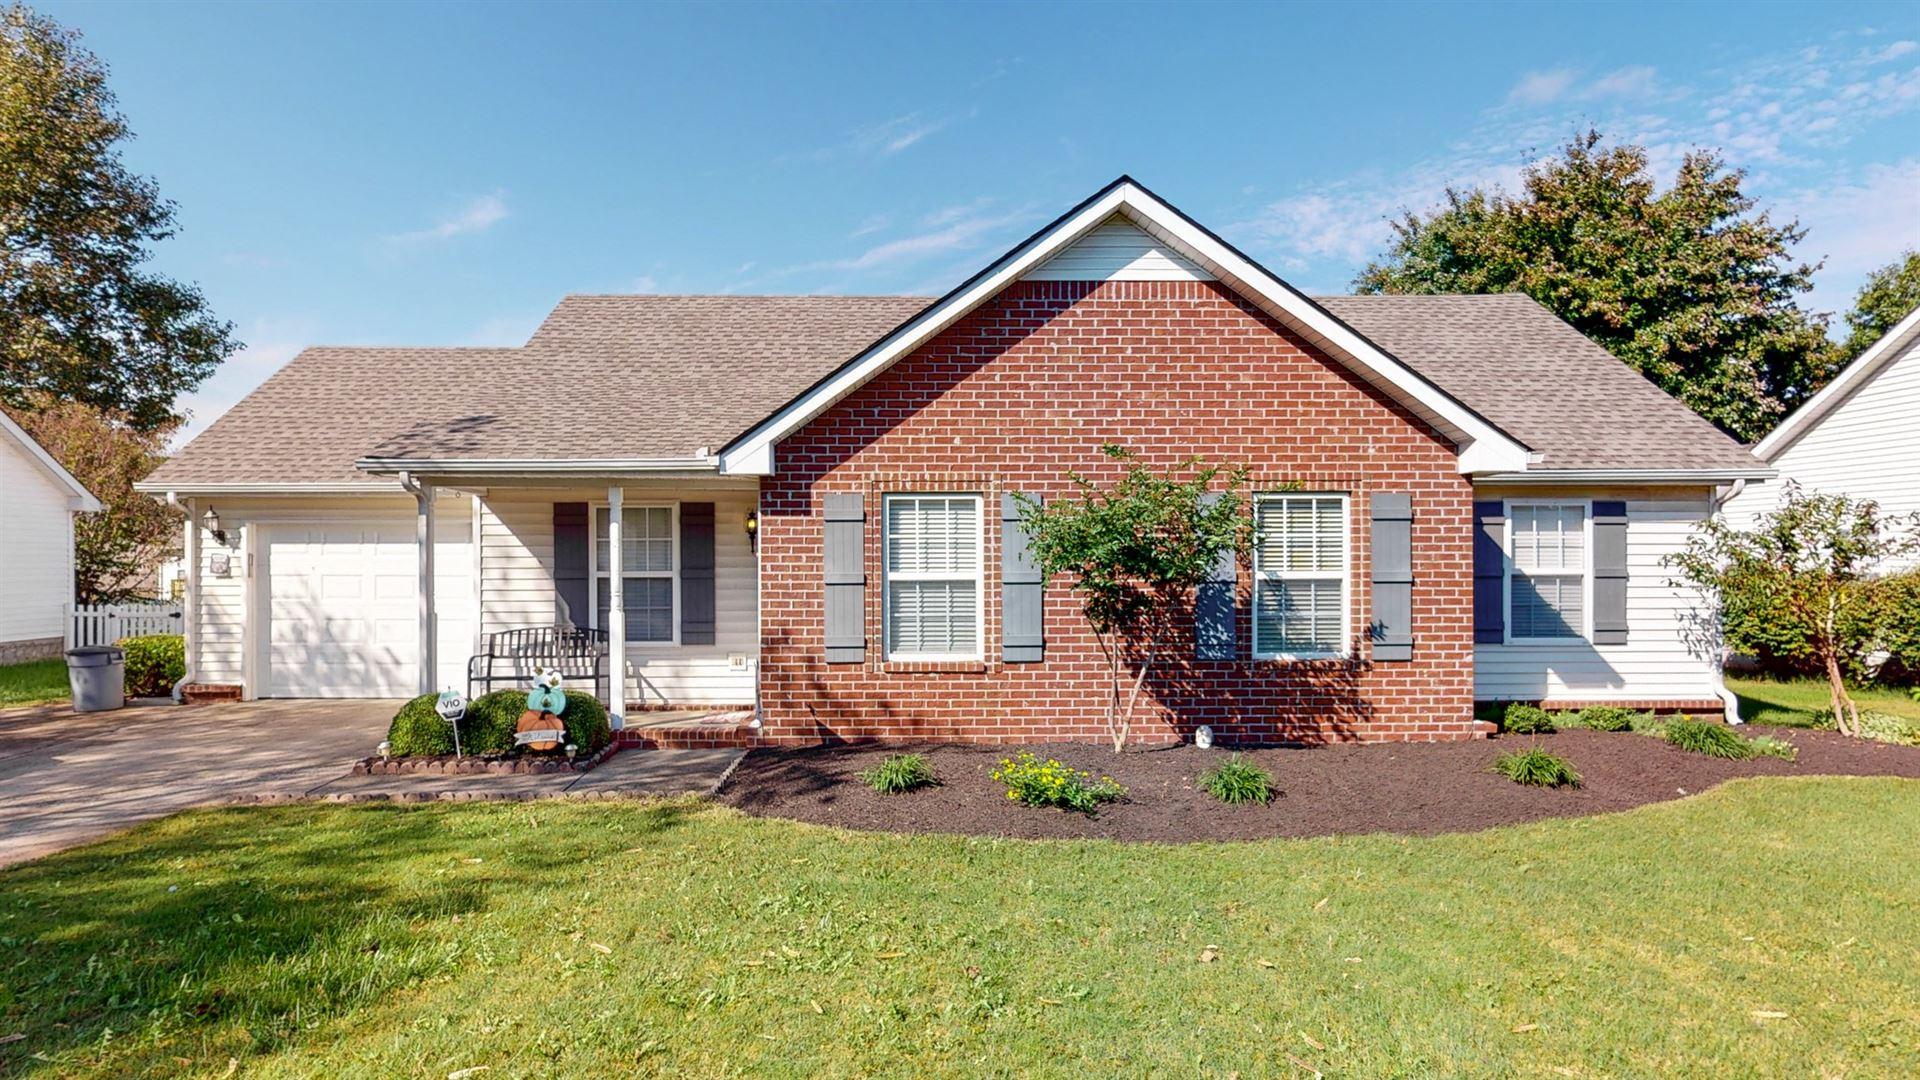 1114 Havering Dr, Murfreesboro, TN 37128 - MLS#: 2301051